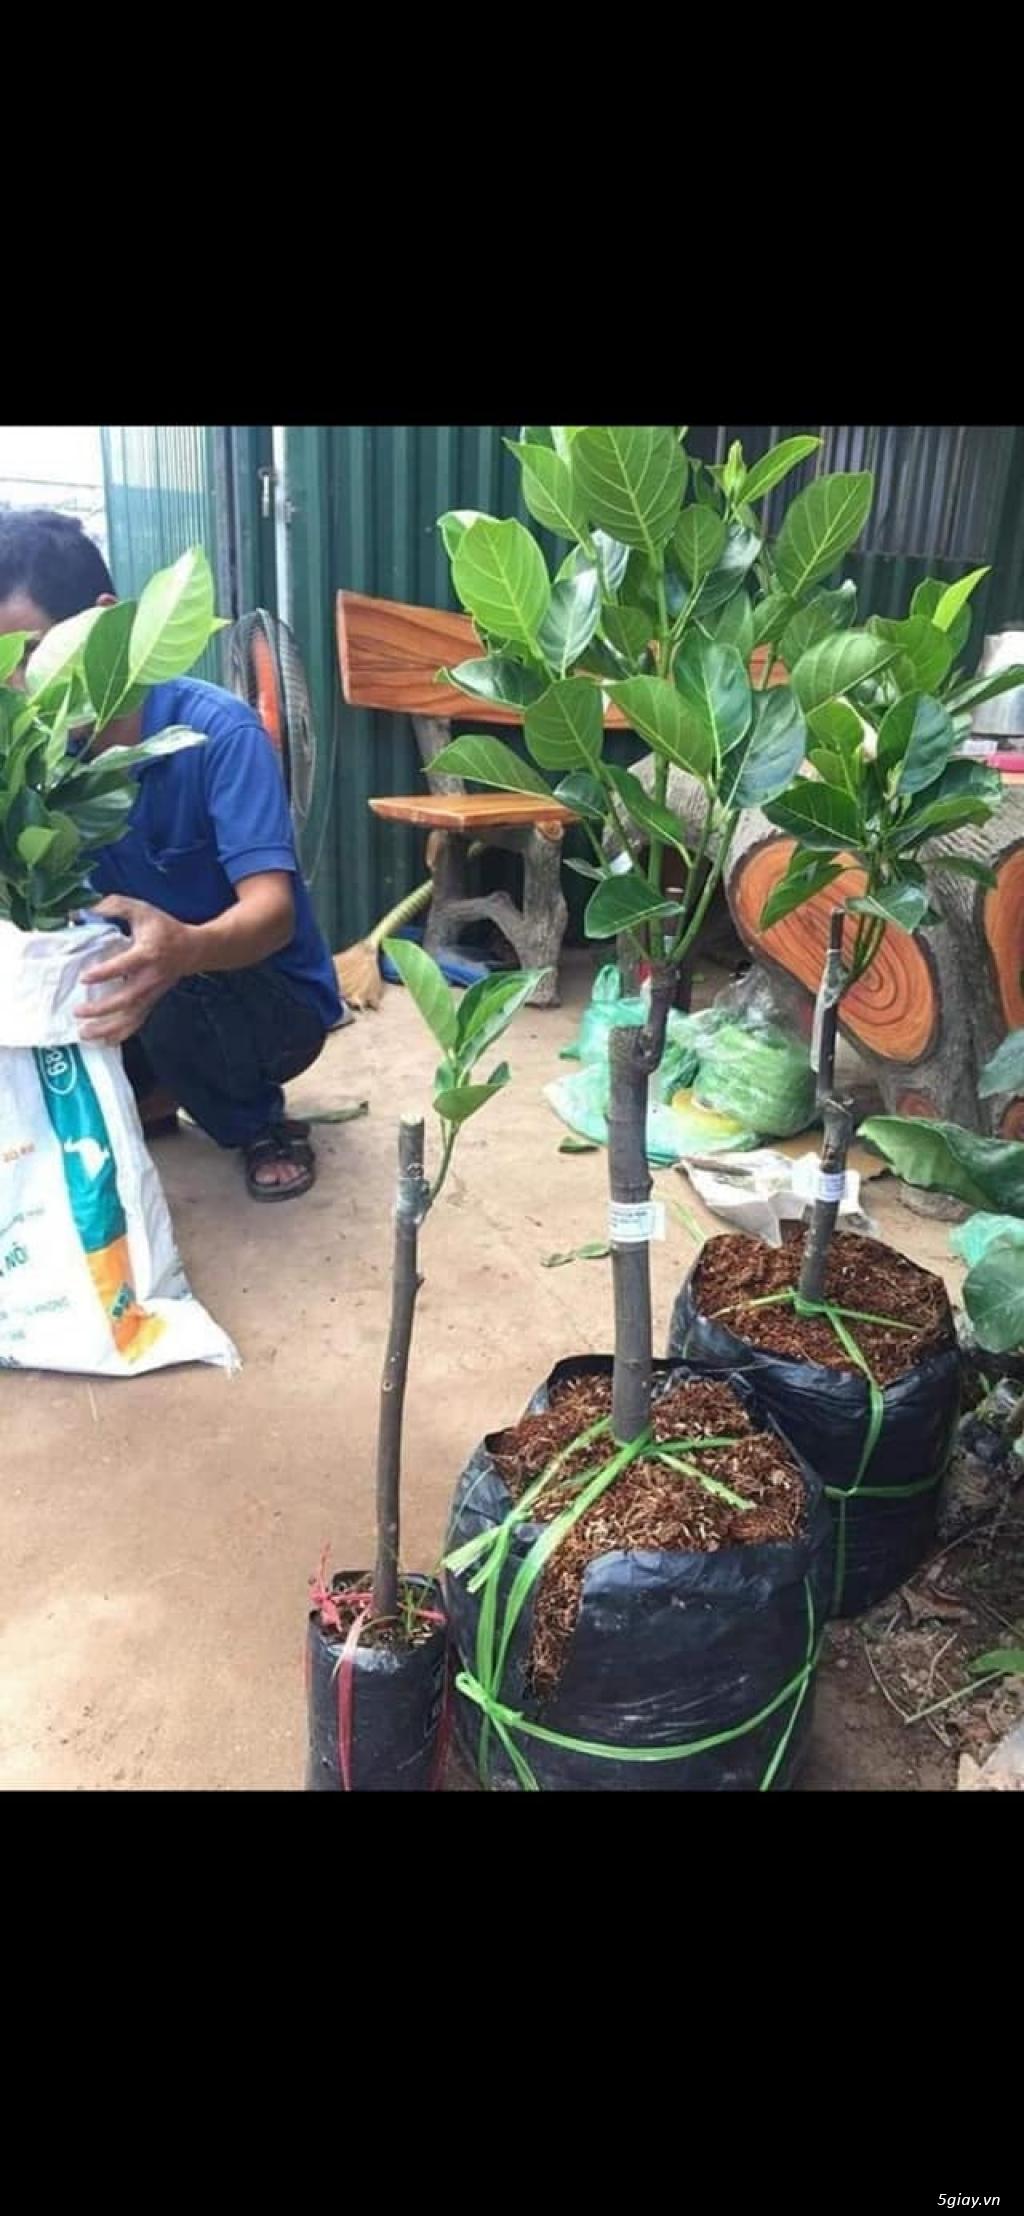 Mít trái dài Malaysia trái dài 1 m nặng 50 kg - 6